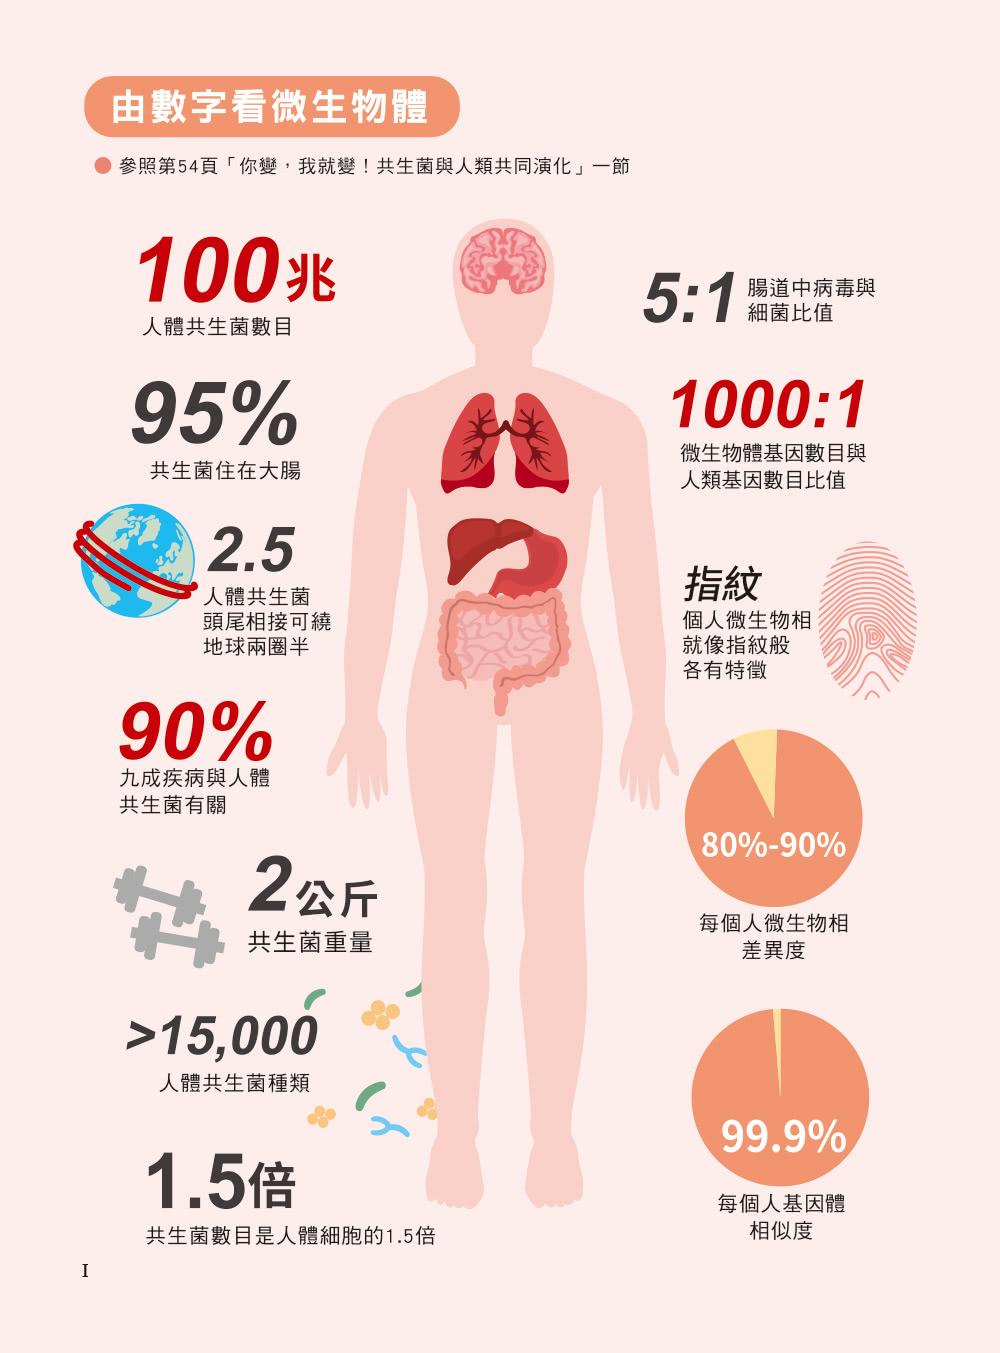 益生菌2.0大未來:人體微生物逆轉疾病的全球新趨勢